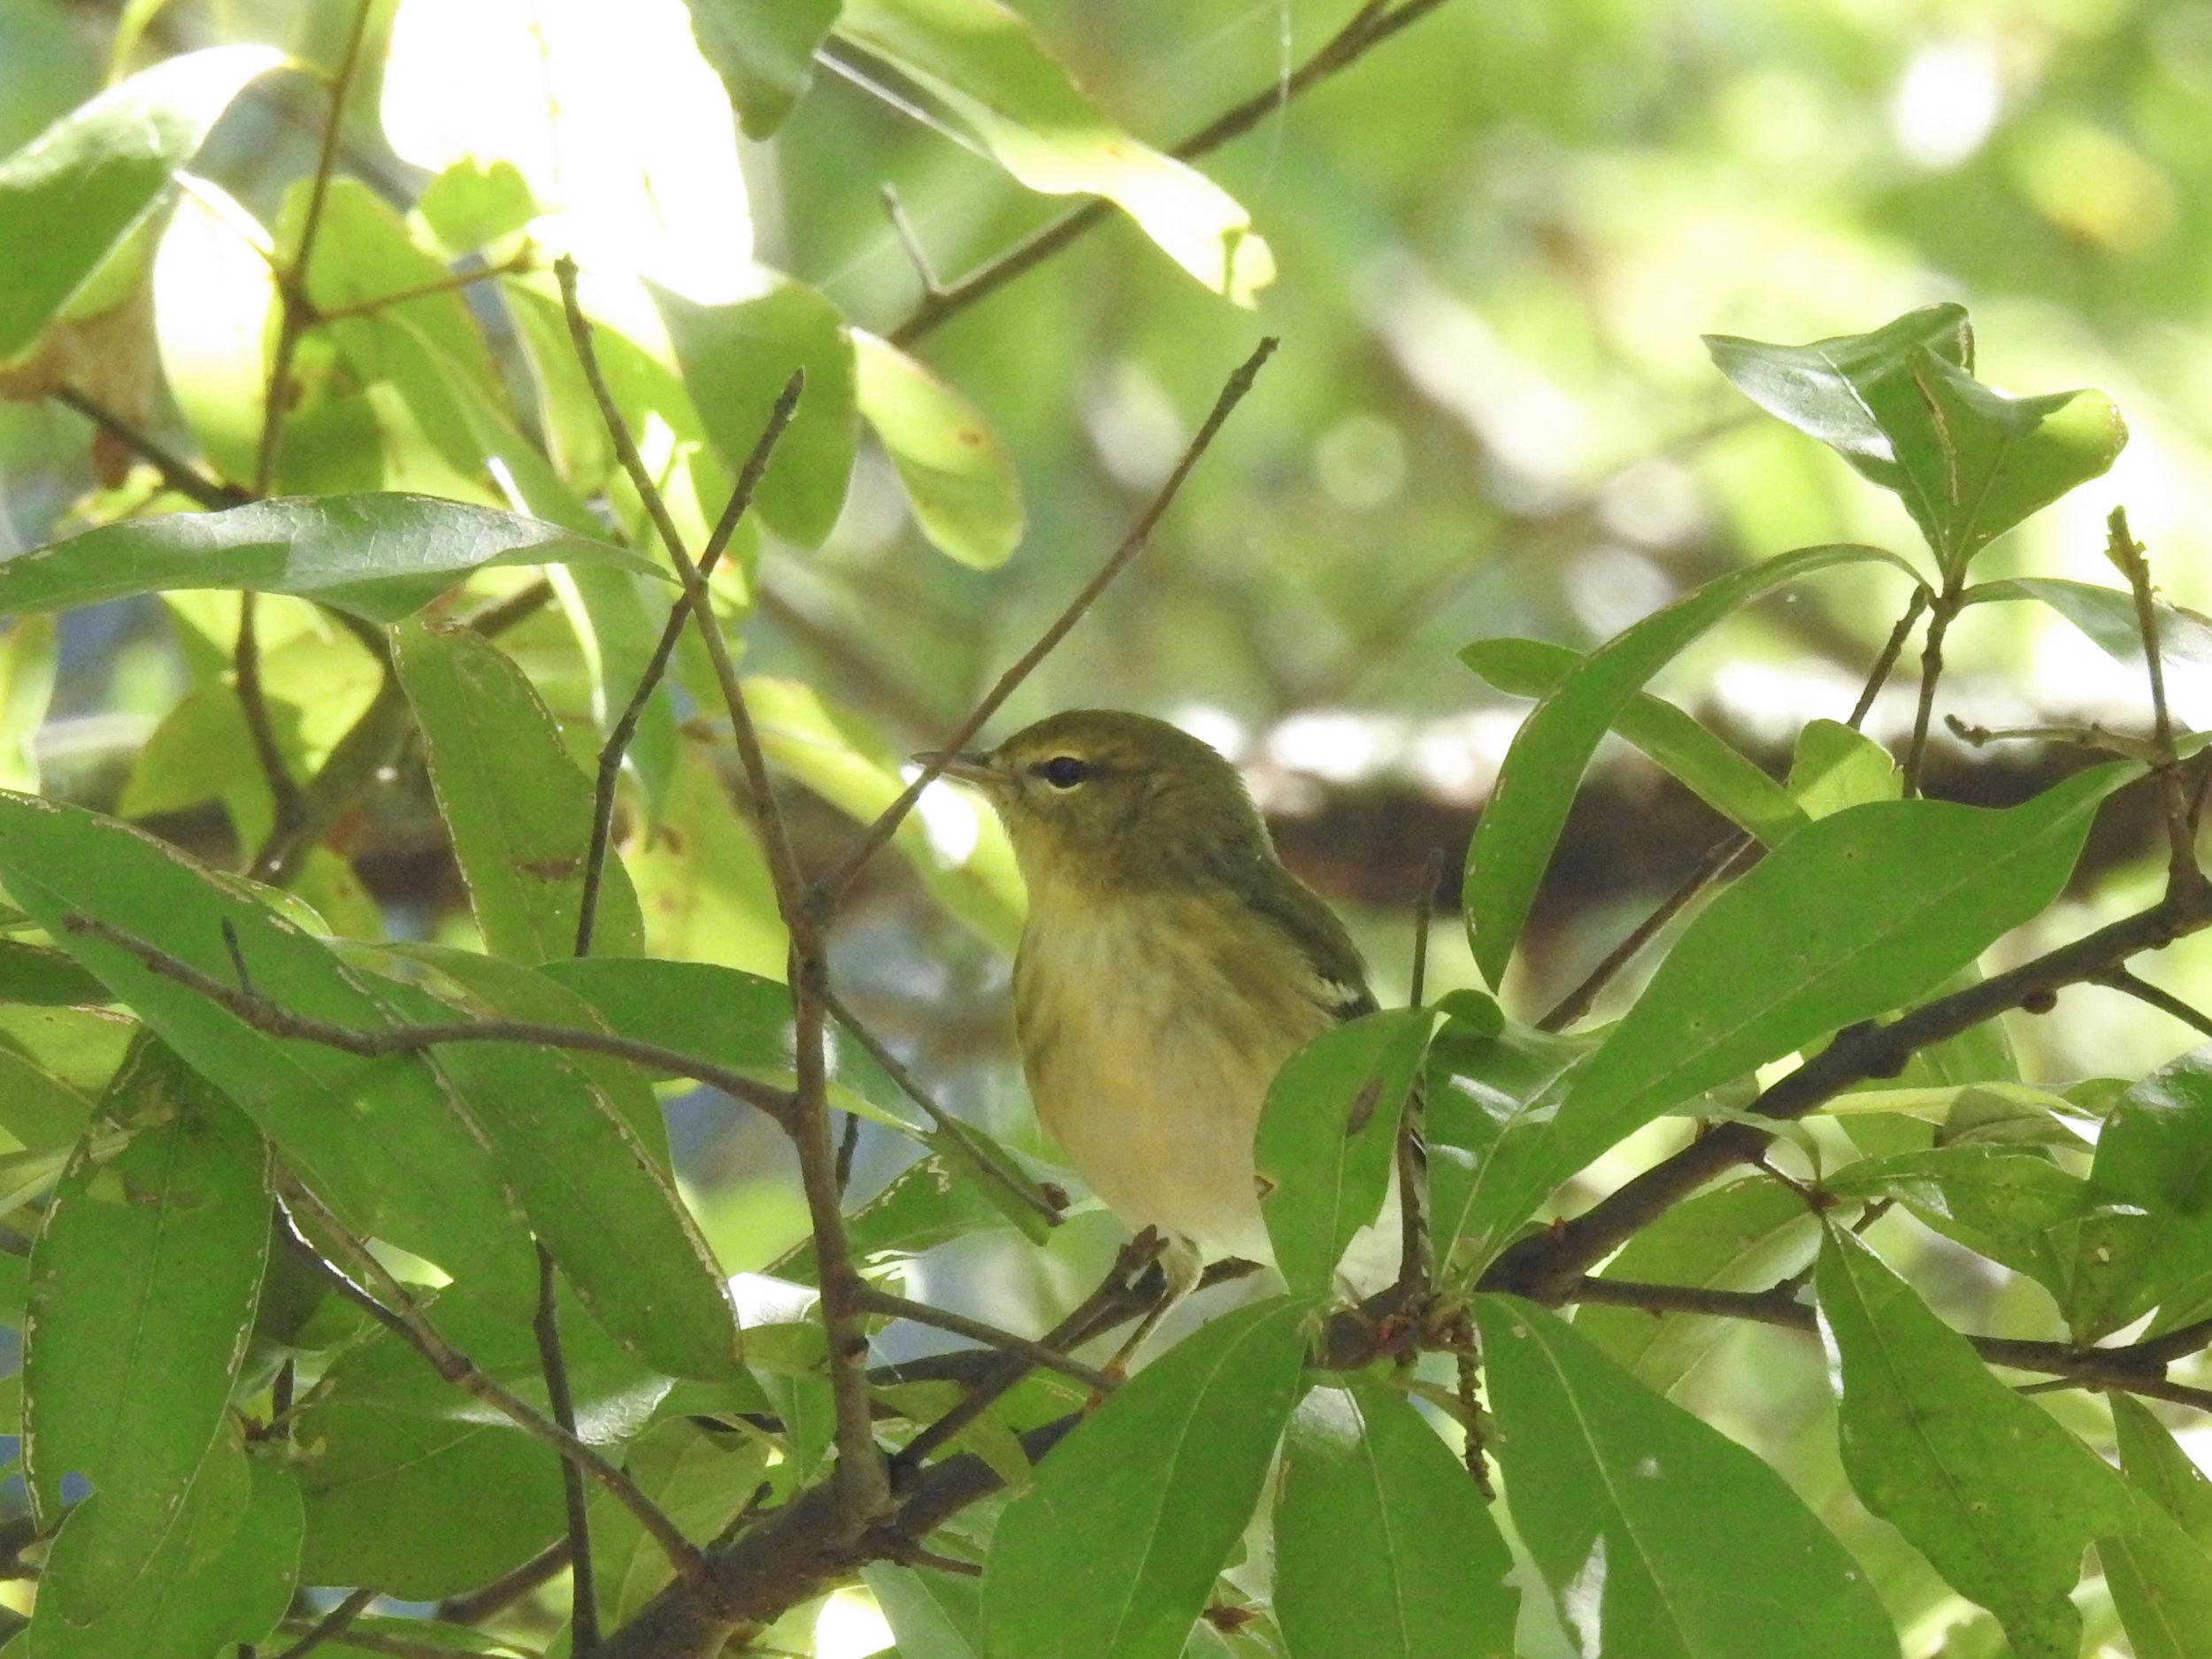 Blackpoll Warbler, nonbreeding